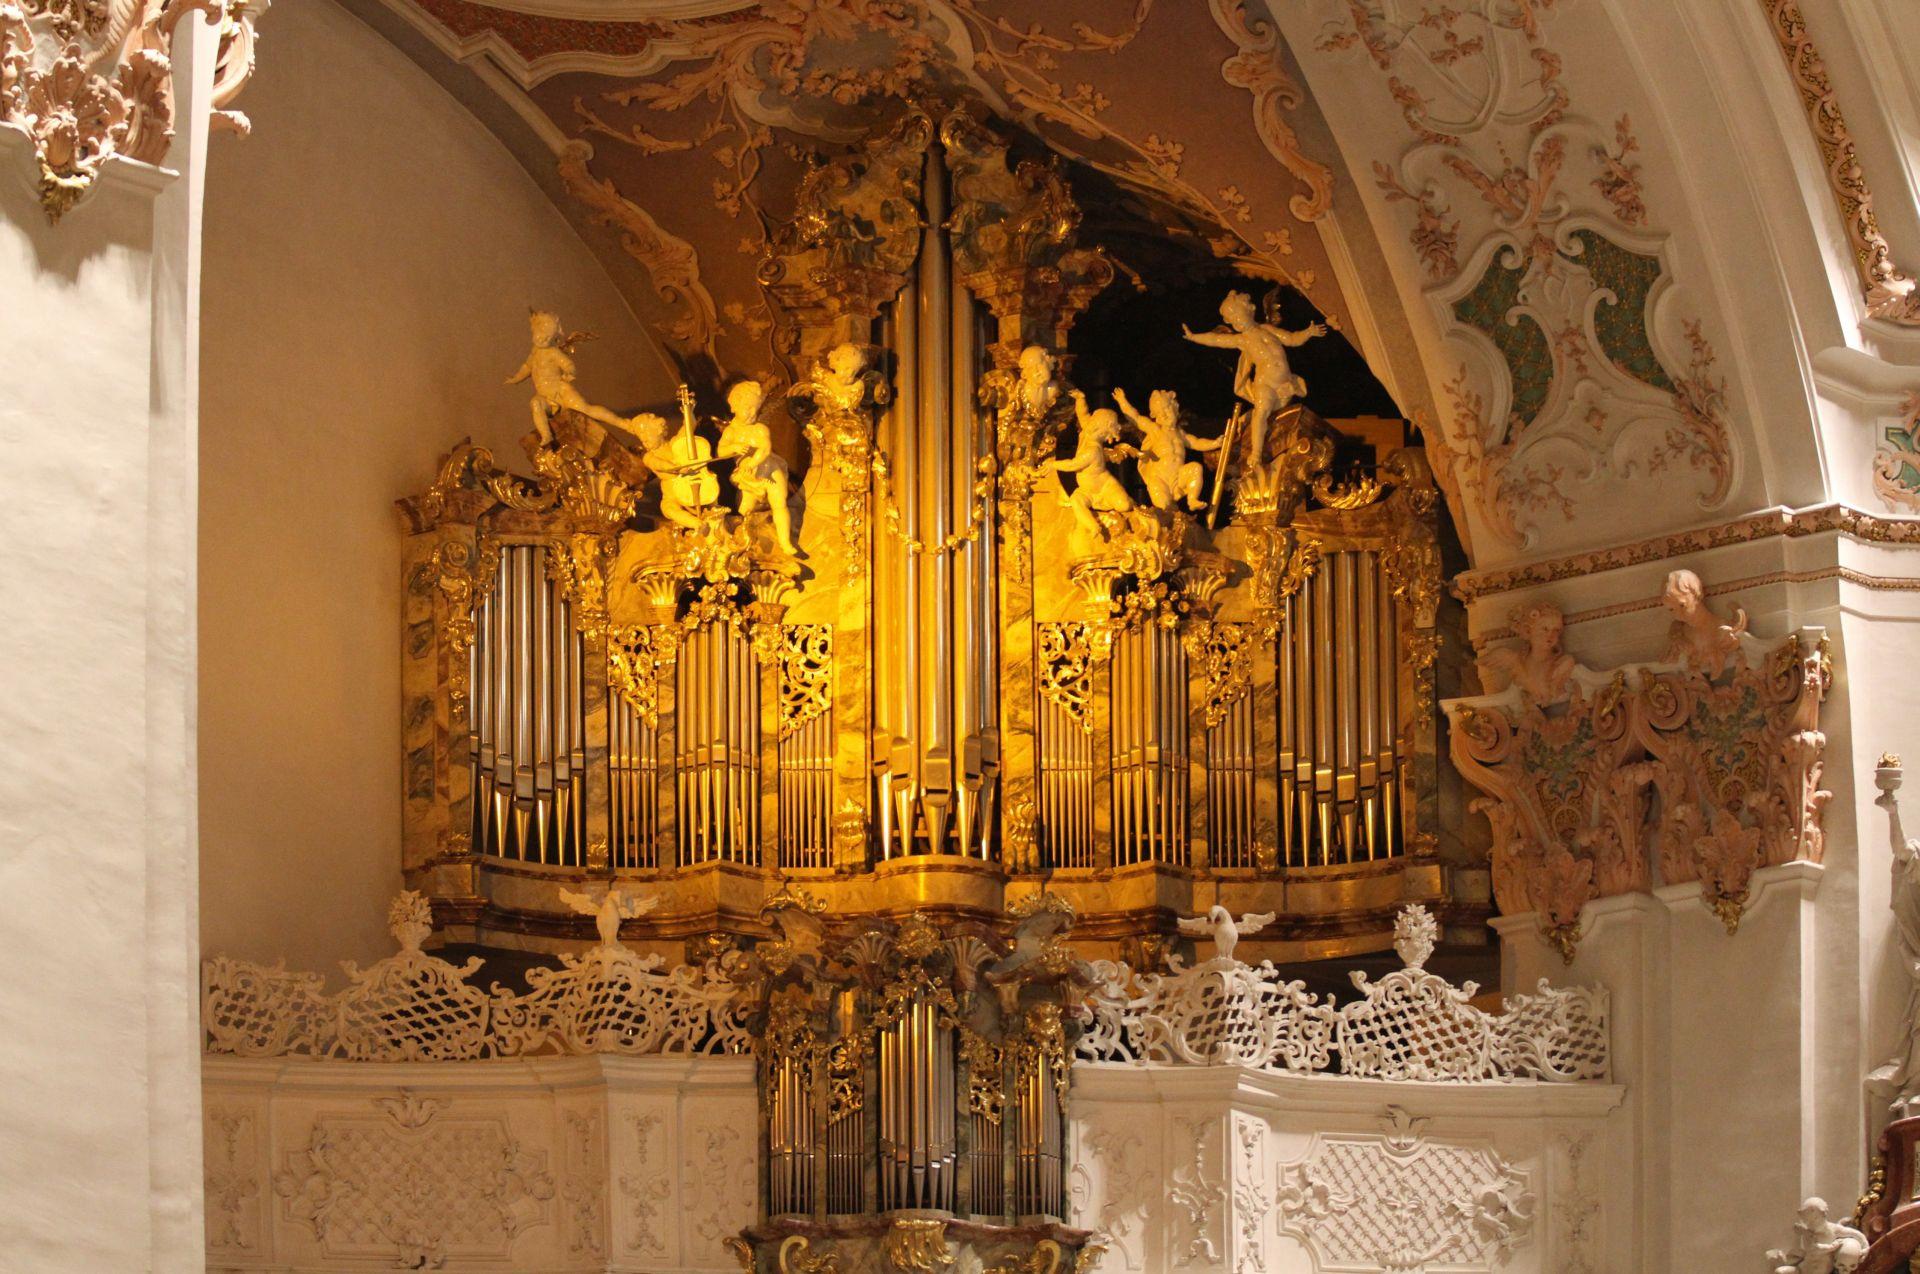 Orgelkonzert in der Klosterkirche